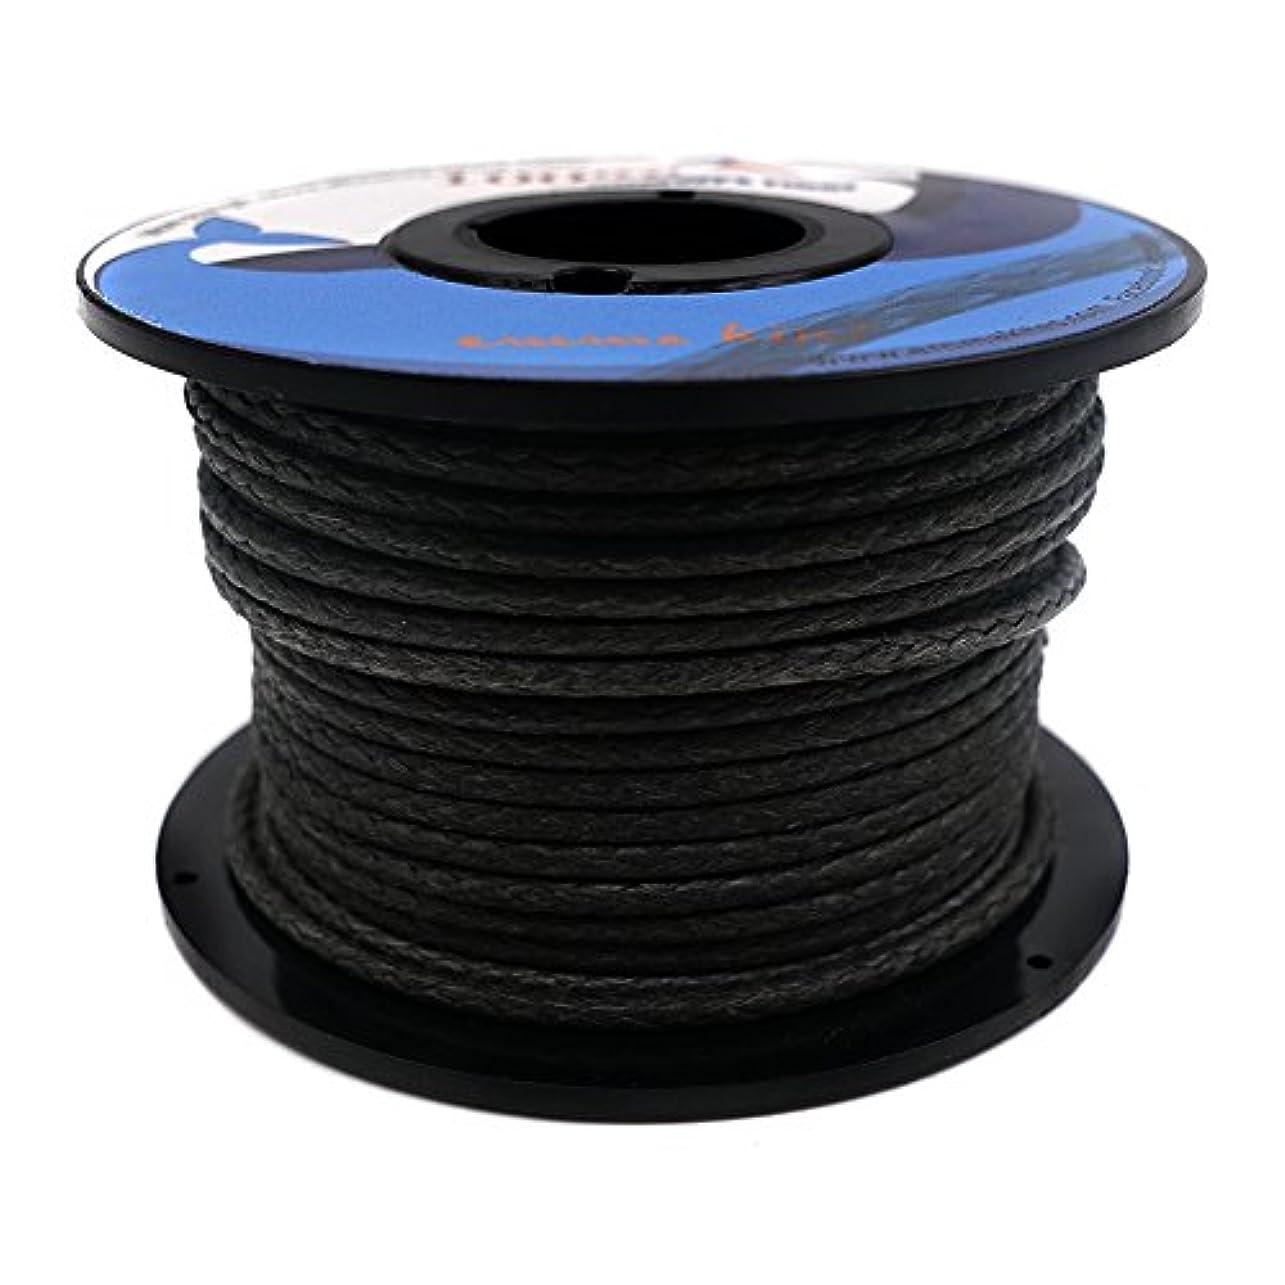 行列会話型上下するEMMAKITES 100%ダイニーマ 超高強度ポリエチレン繊維 45kg~3500kg 破断強度 0.6mm~6mm直径 アウトドア パラコード テント ハンモックロープ キャンプ サバイバル 一般使用